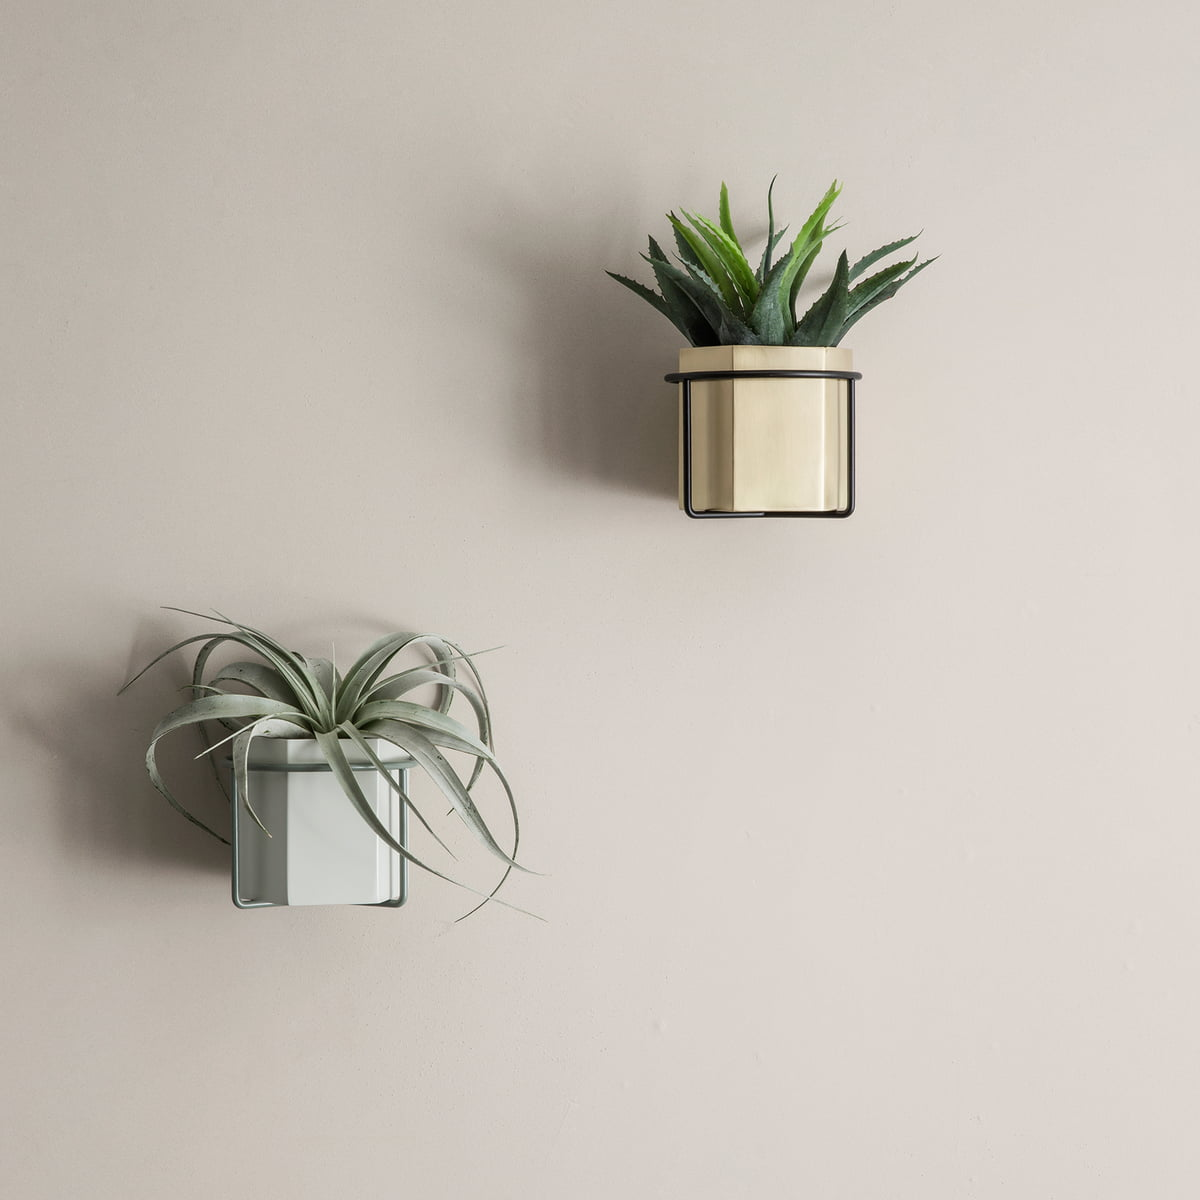 wand-pflanzenhalter von ferm living im shop